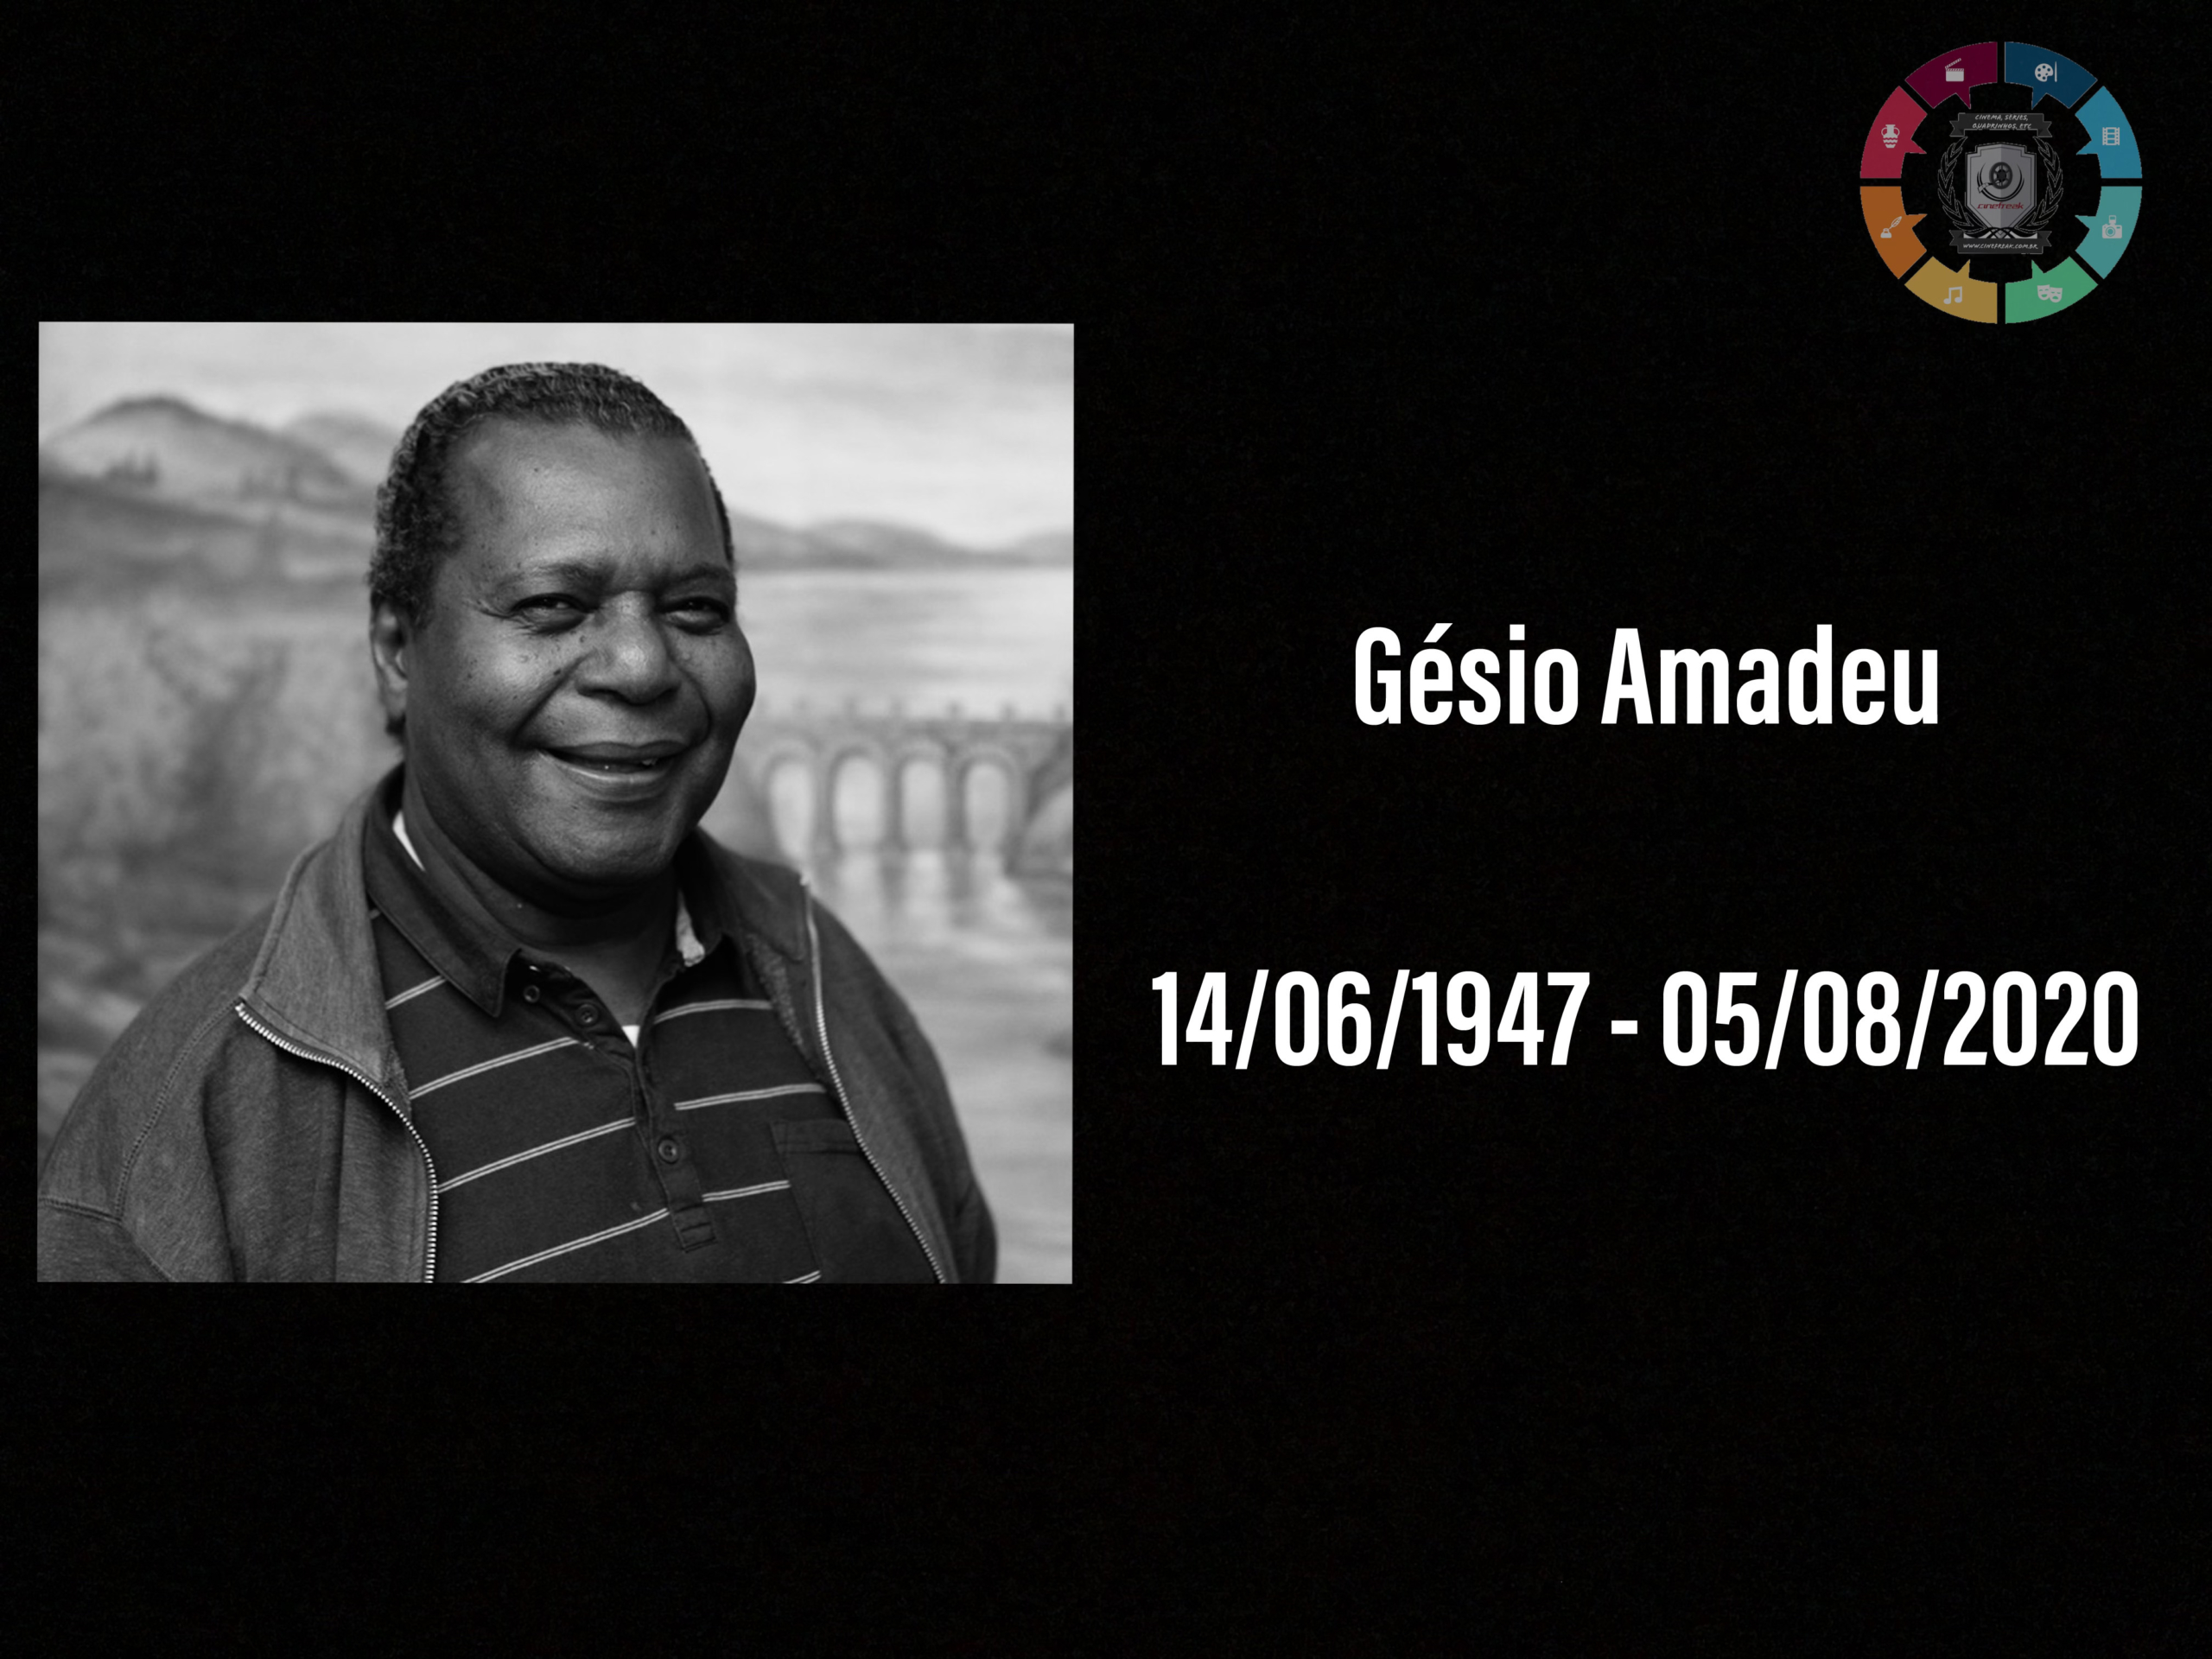 Morre o ator Gésio Amadeu, aos 73 anos, vítima de covid-19 3